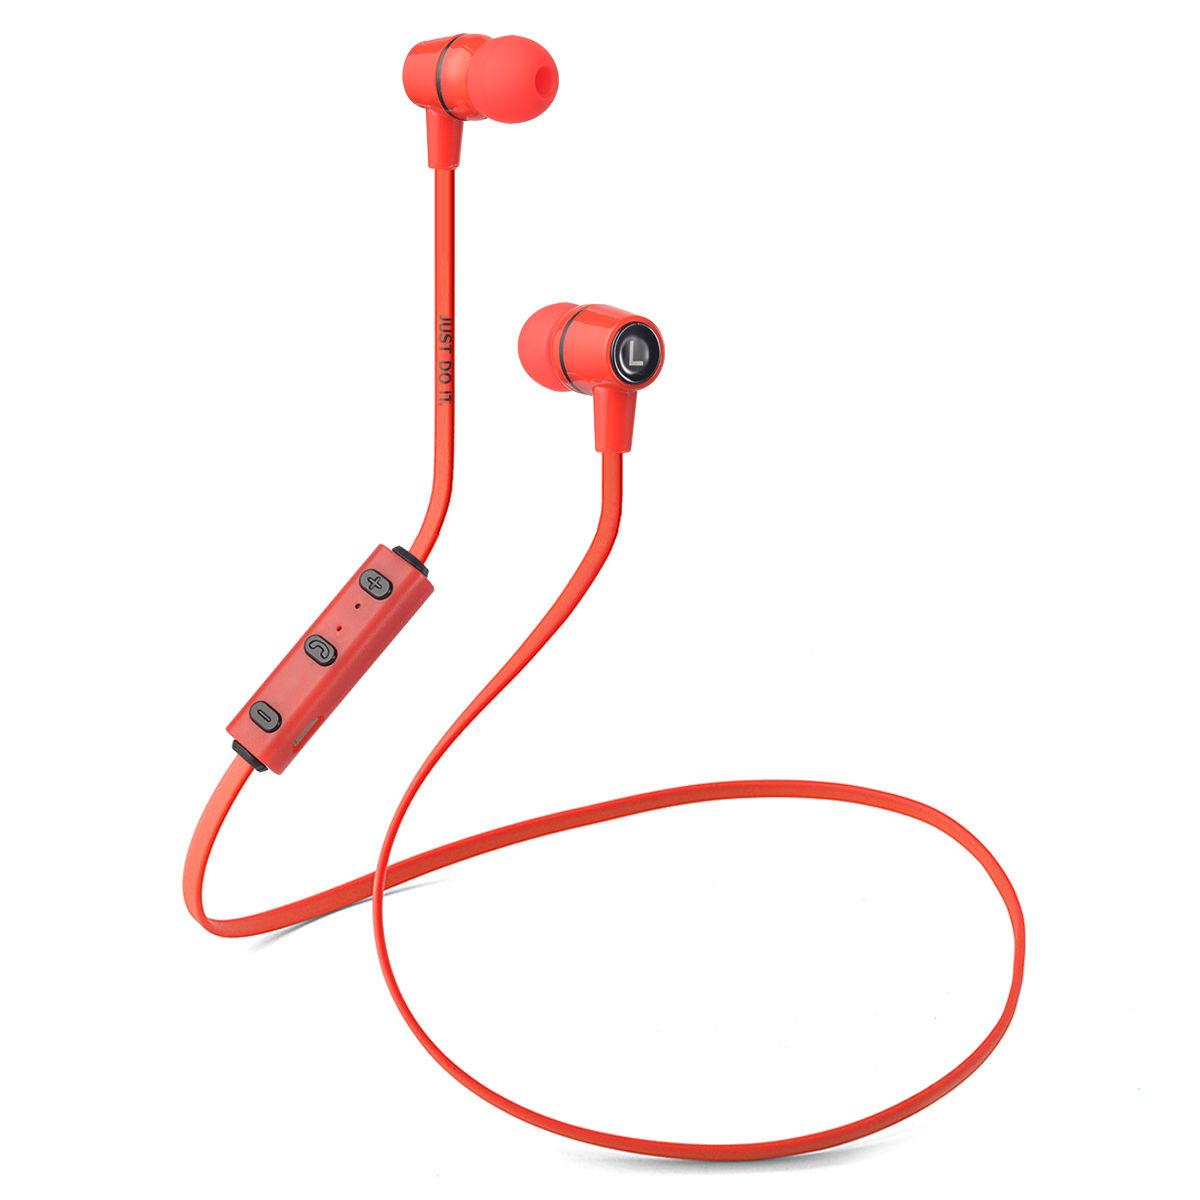 Cuffie bluetooth sport auricolari headphone cuffie per samsung note 4 5 ebay - Cuffie per sport ...